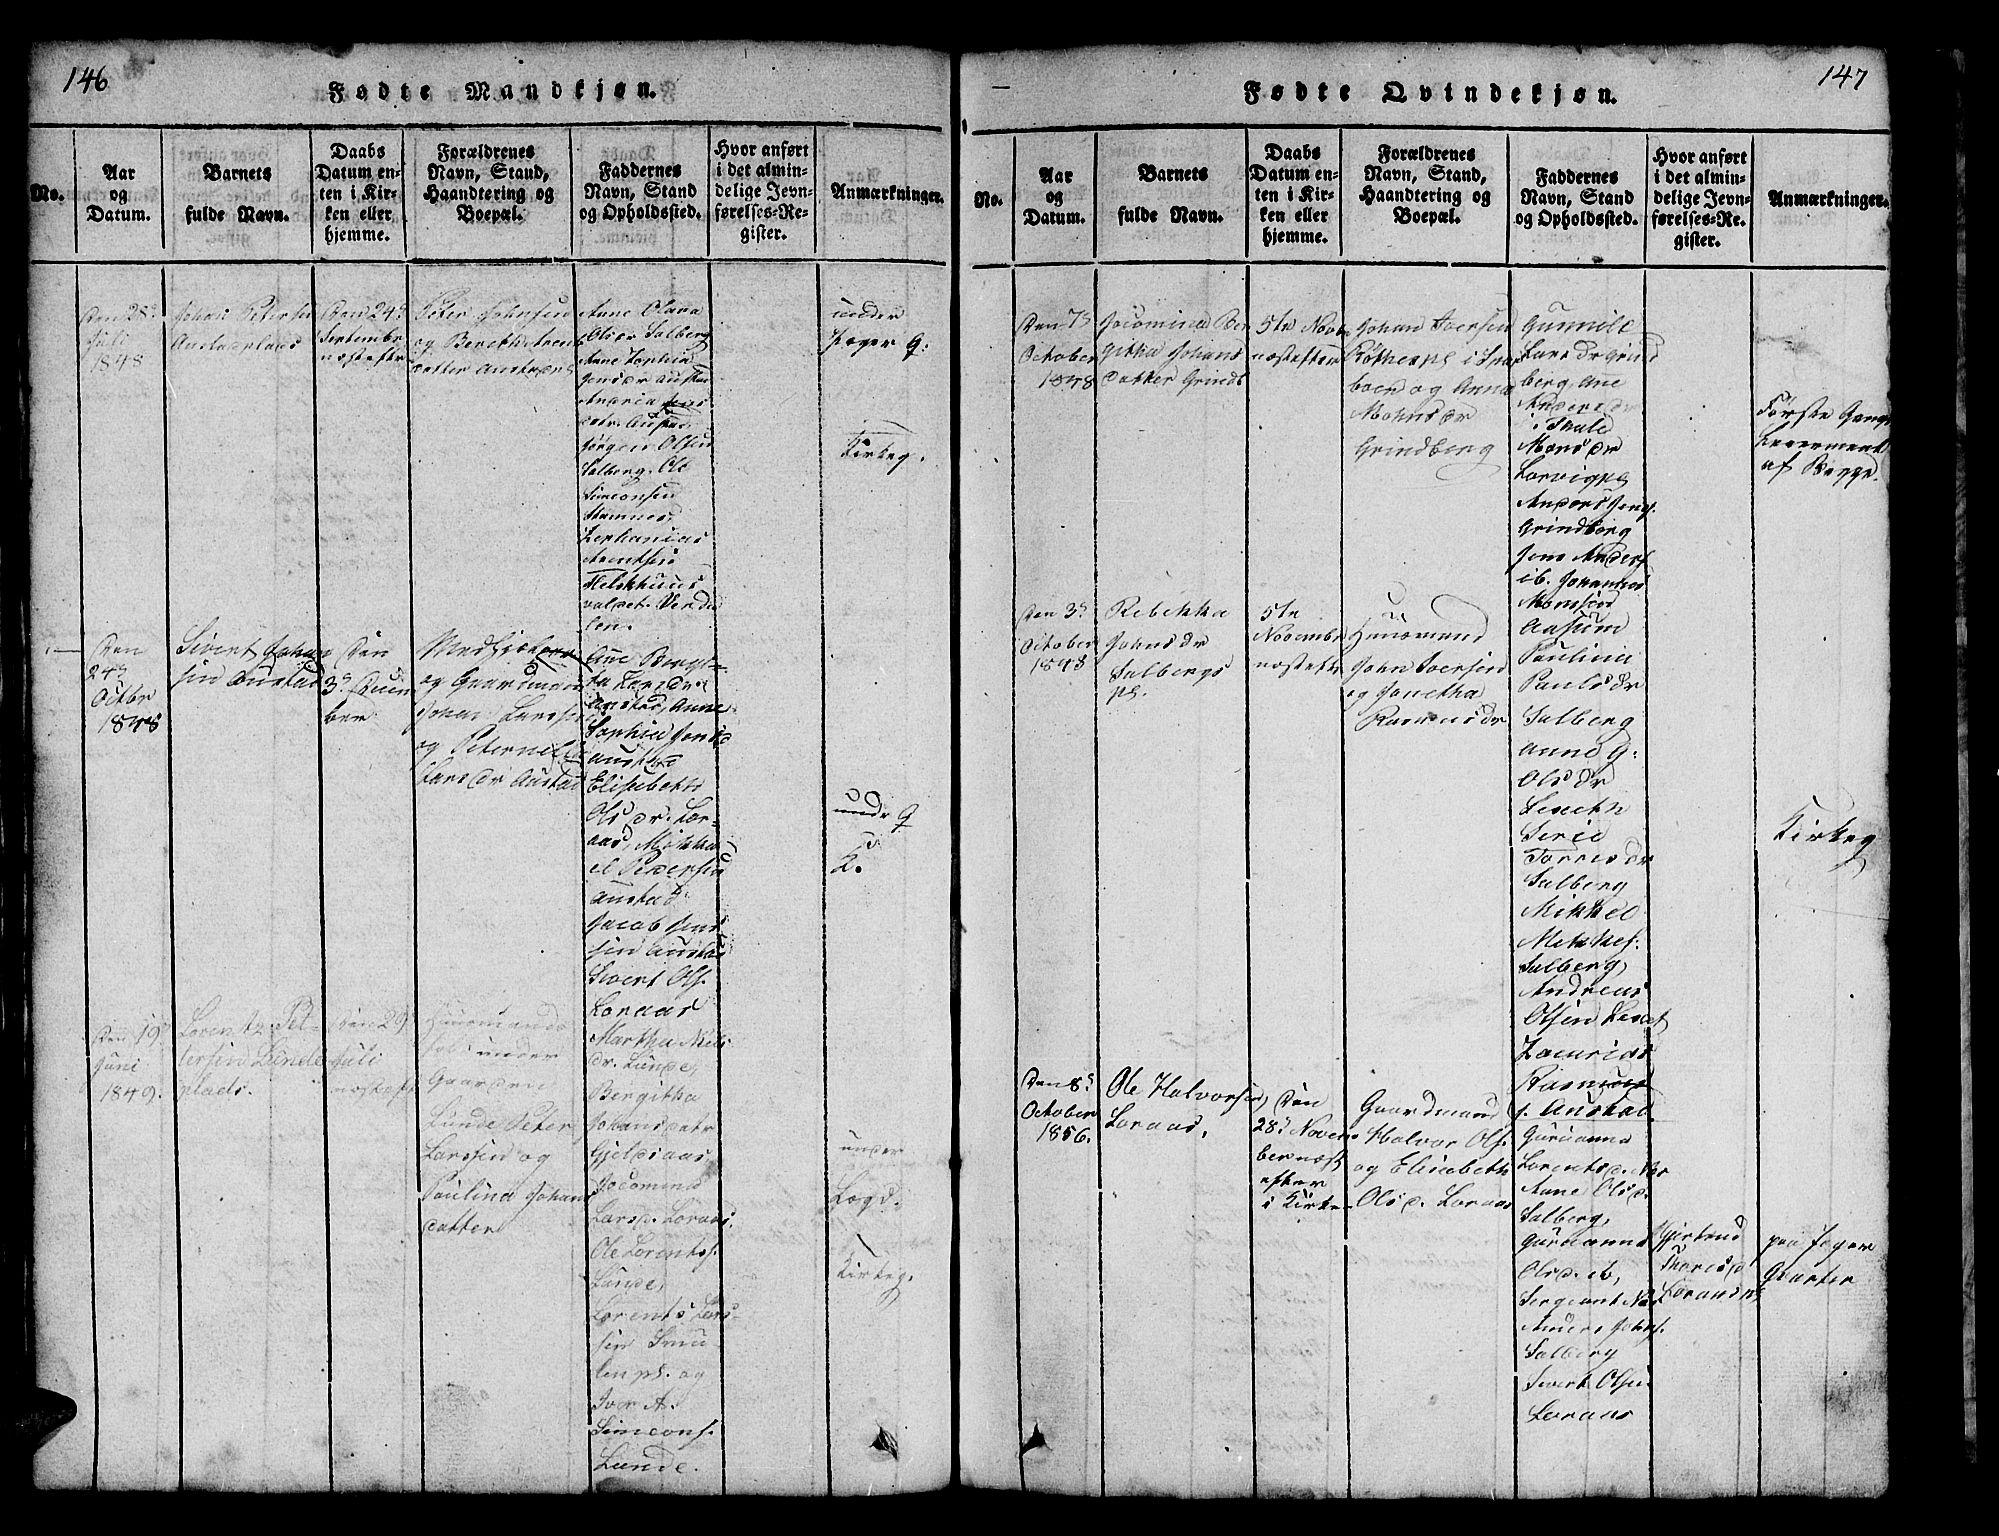 SAT, Ministerialprotokoller, klokkerbøker og fødselsregistre - Nord-Trøndelag, 731/L0310: Klokkerbok nr. 731C01, 1816-1874, s. 146-147